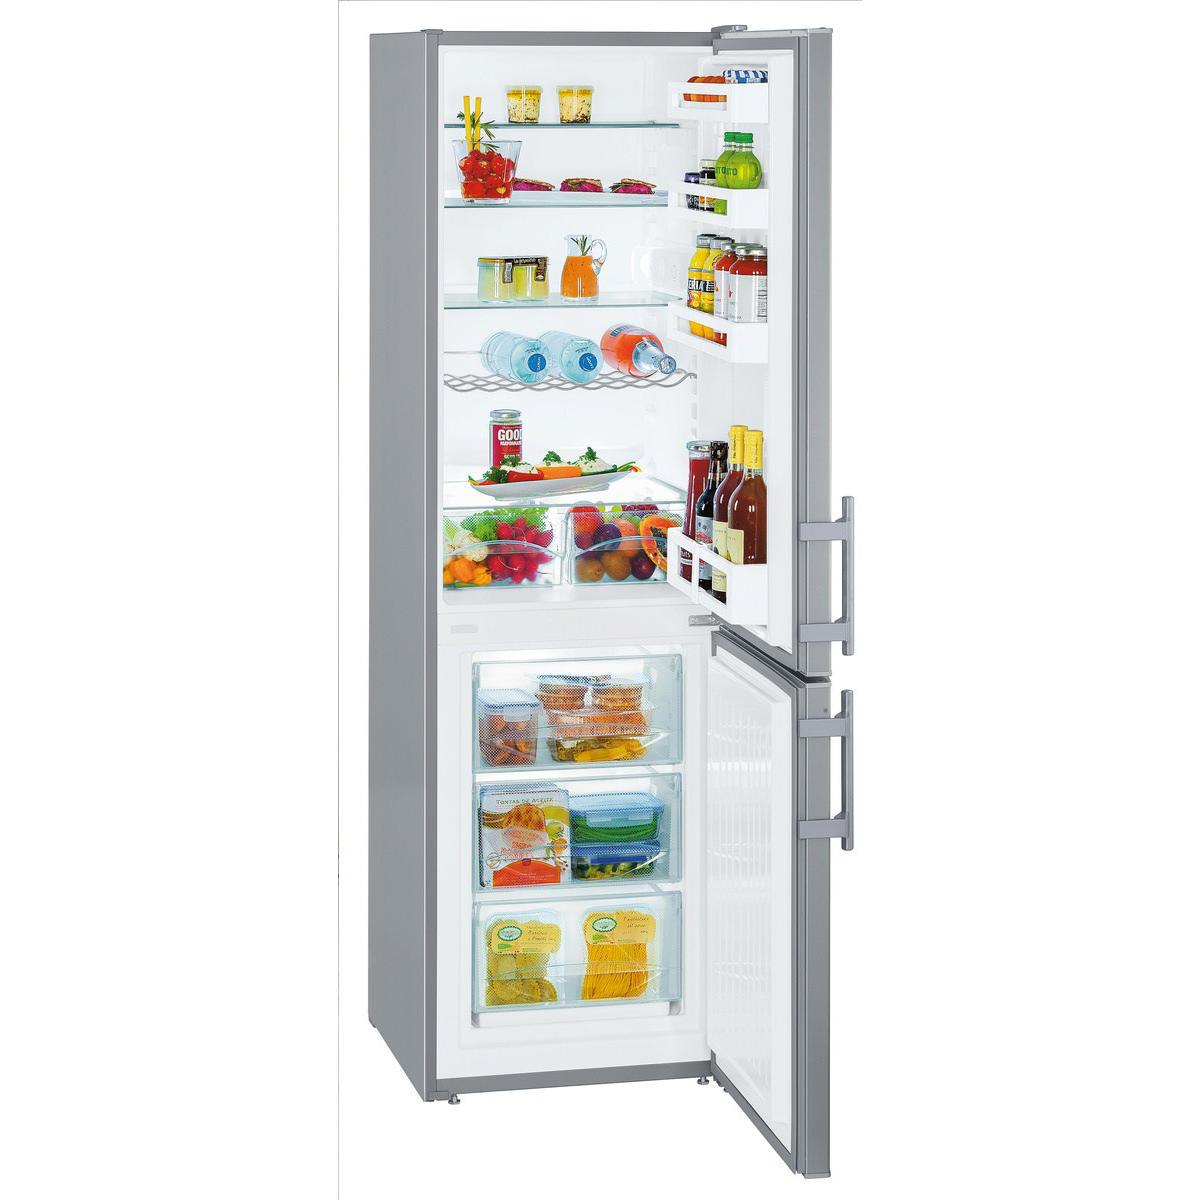 liebherr-cuef-3311-comfort-smartfrost-fridge-freezer-smartsteel